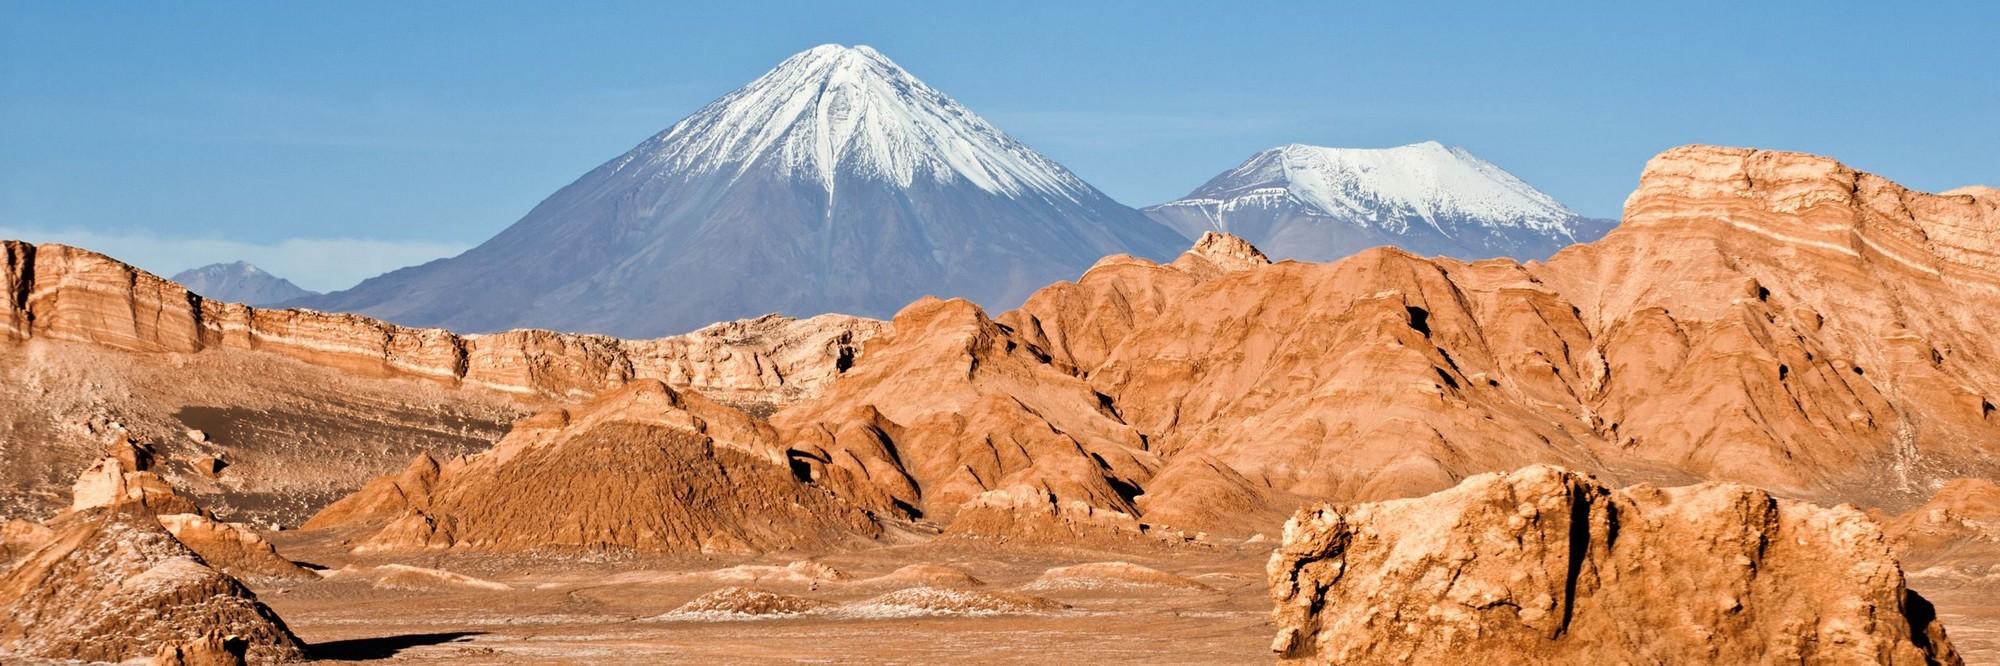 Voyage Atacama Chili